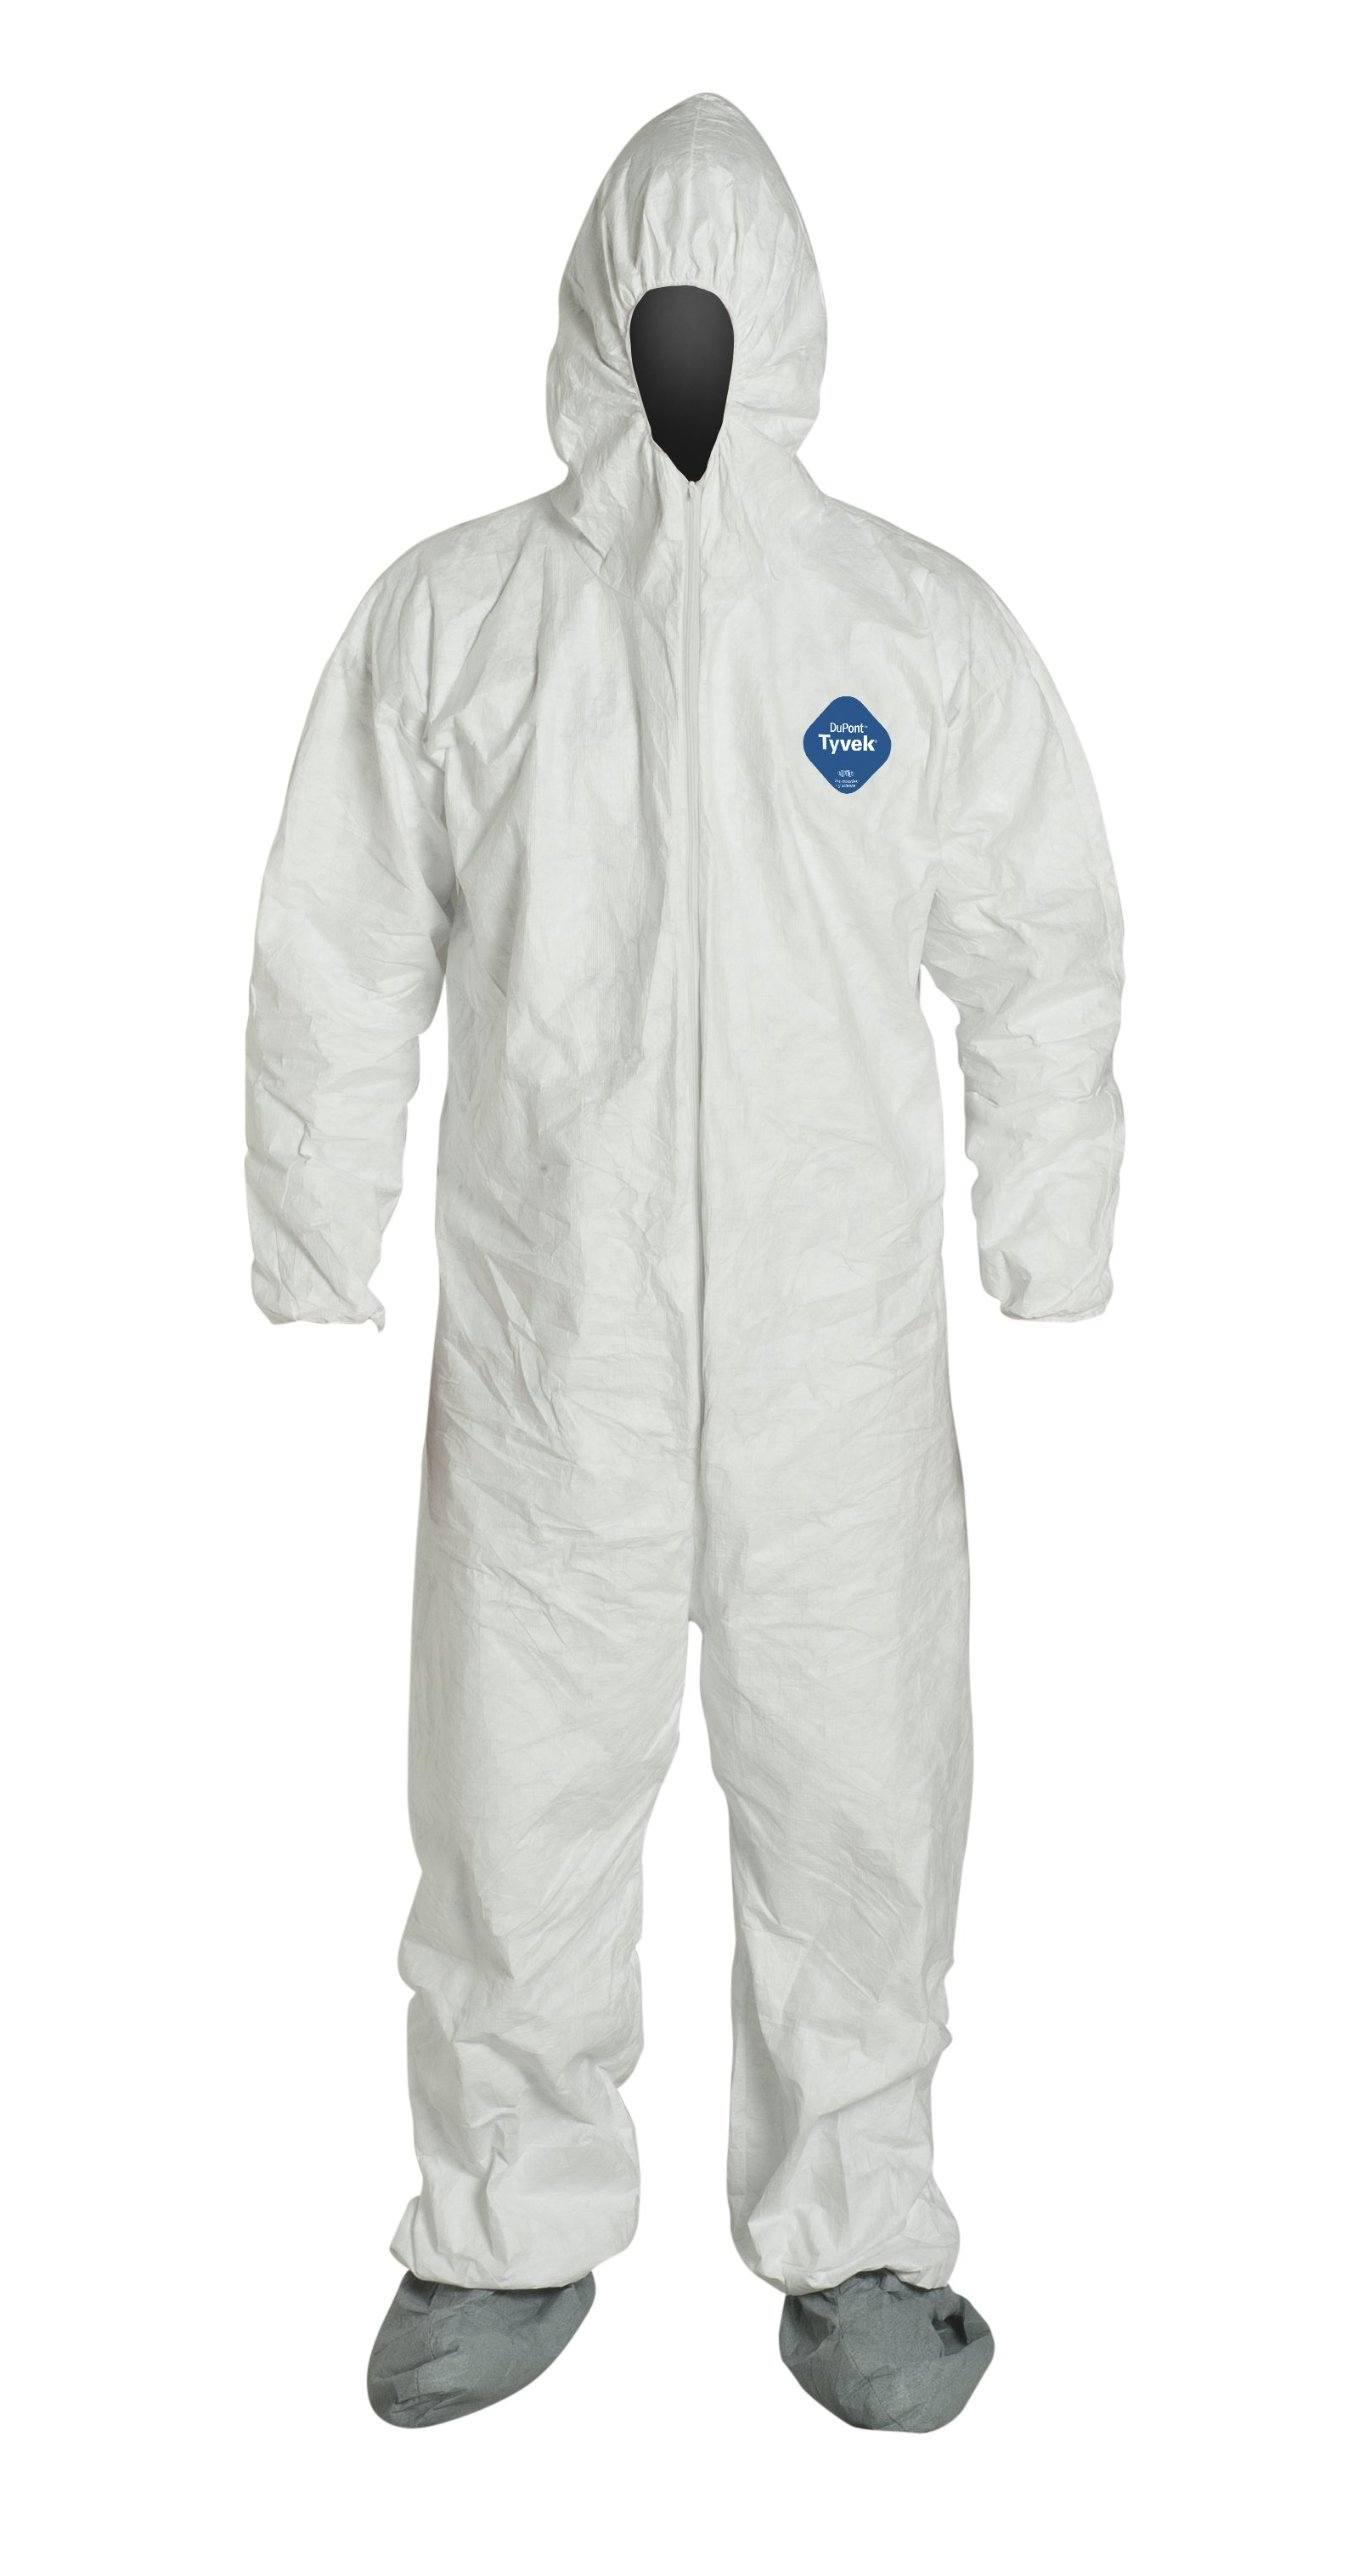 Quần áo chống hóa chất 3M - TYPE